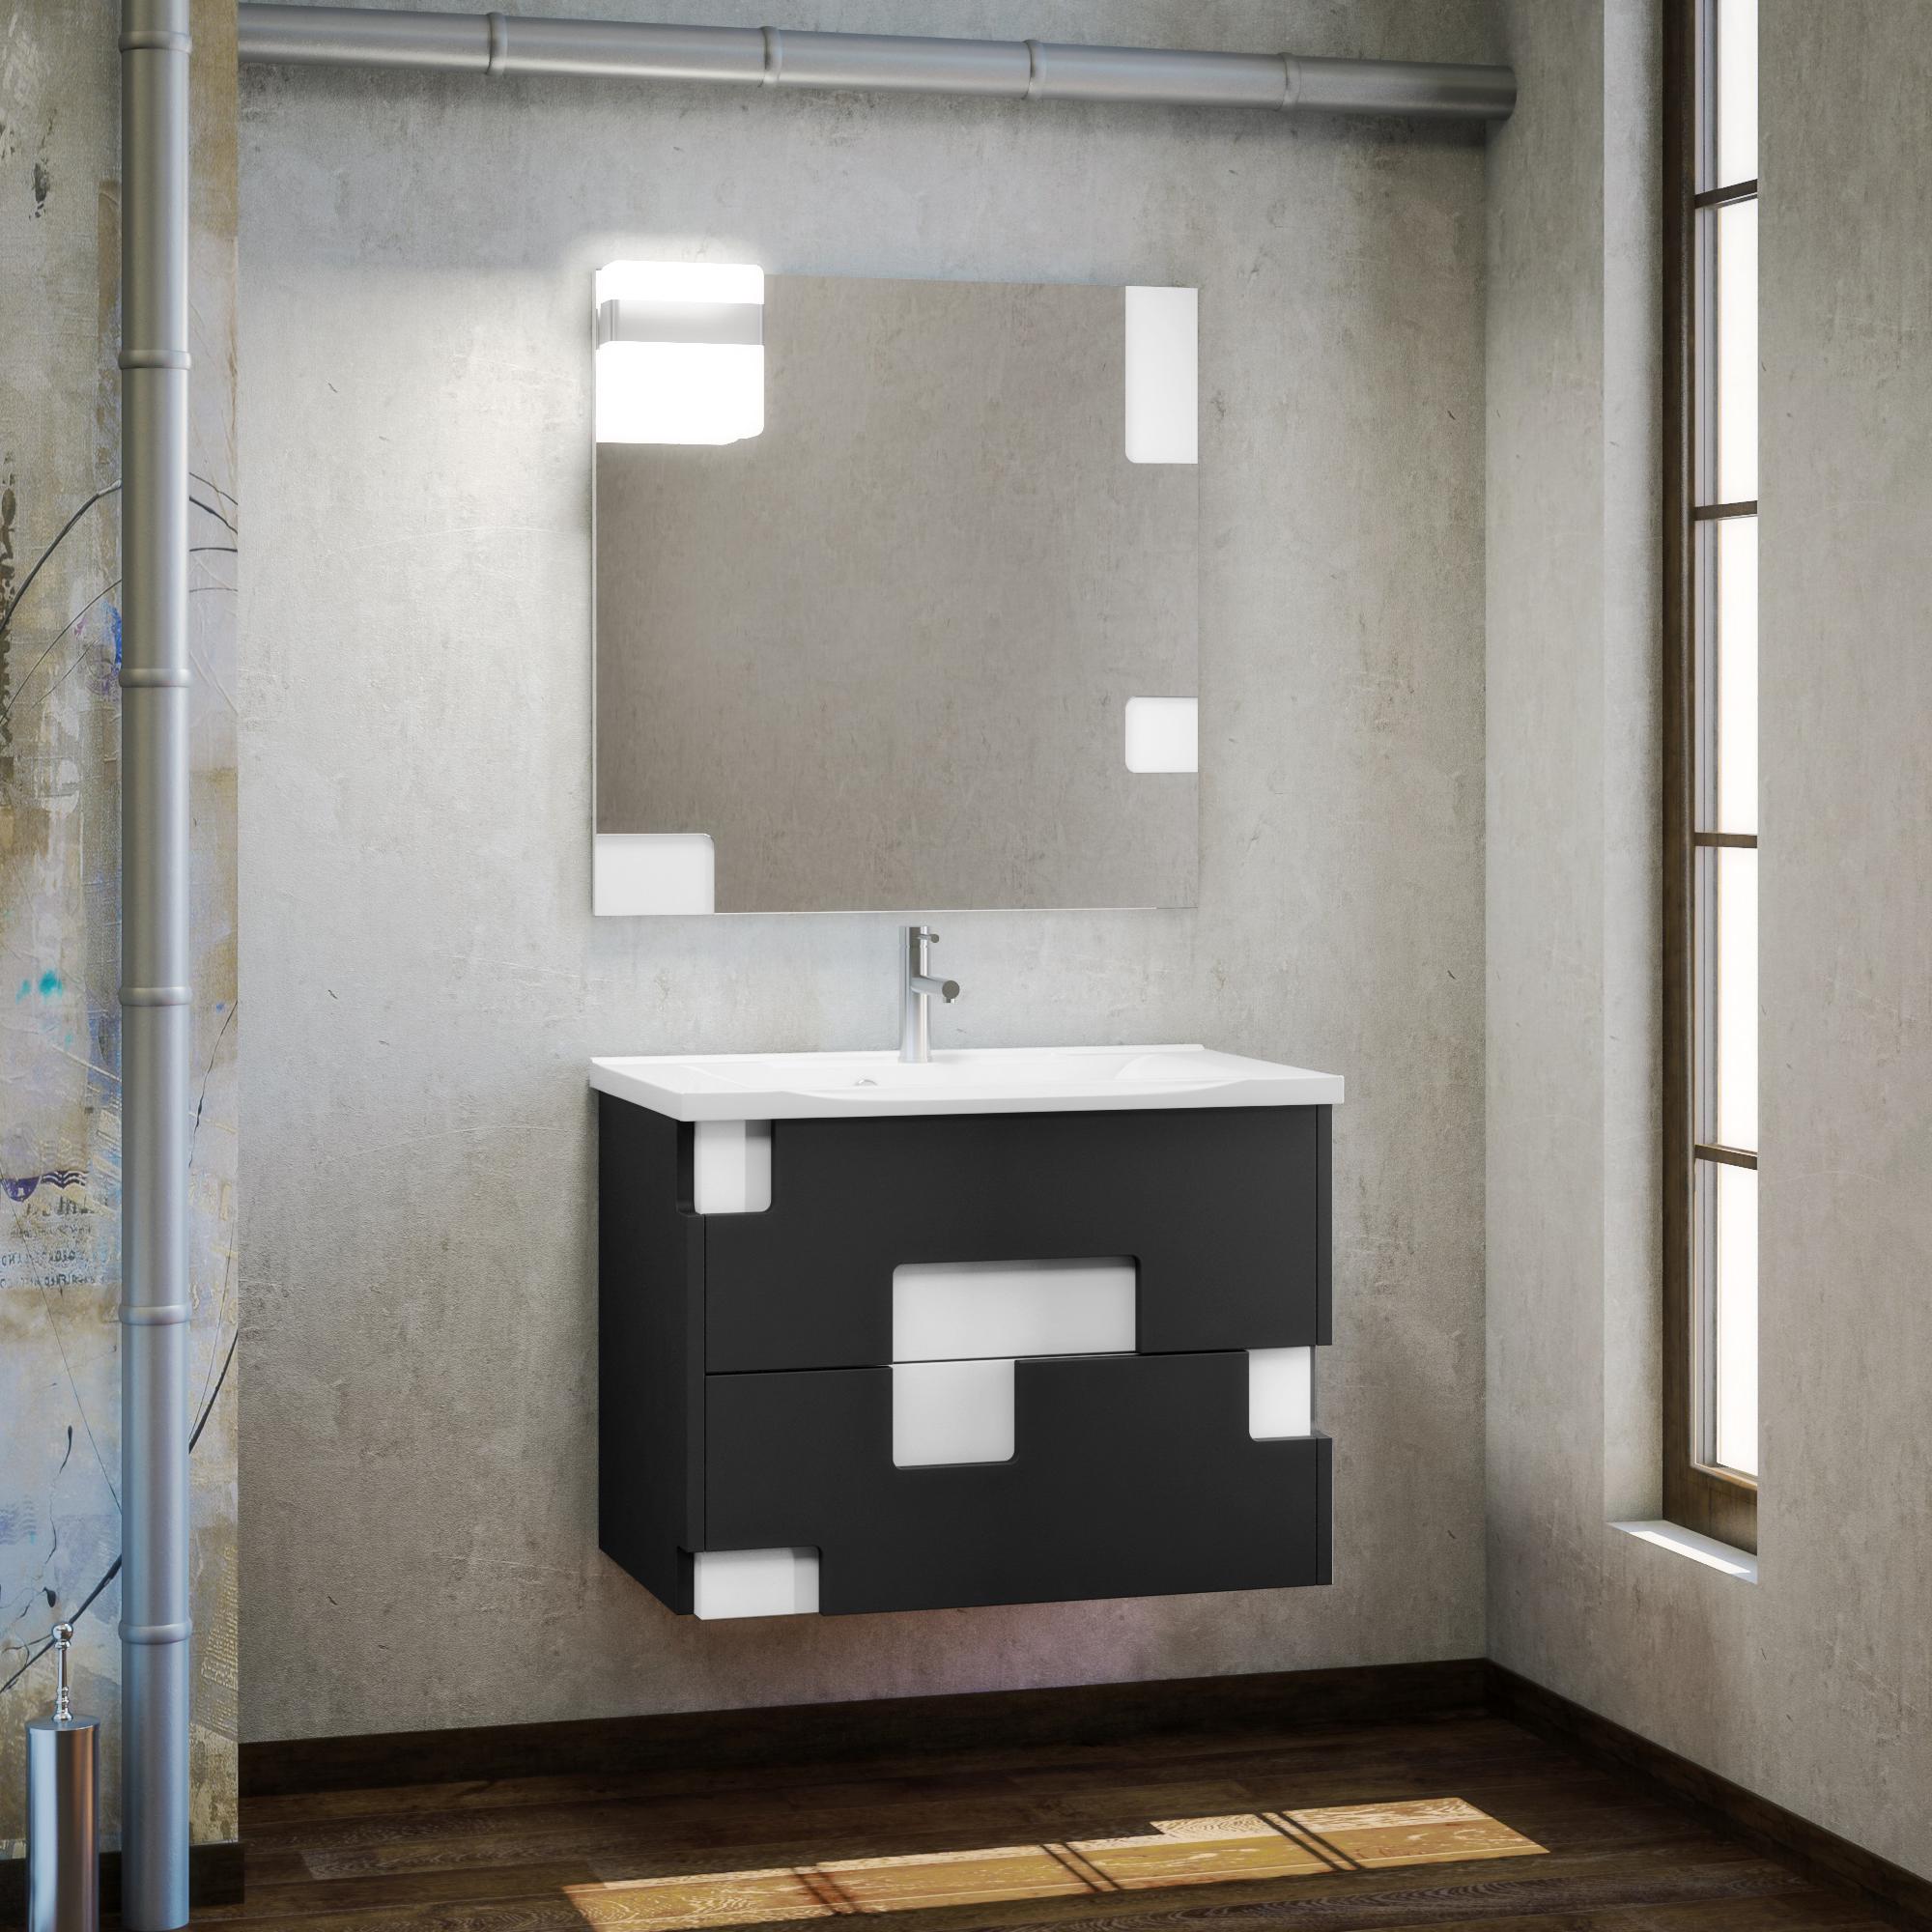 Комплект мебели Smile Санторини 80 серый/белый линейные направляющие sfu1605 450 bk bf12 1set 2set hiwin hgr20 800 hiwin hgr20 400mm 8 hgh20